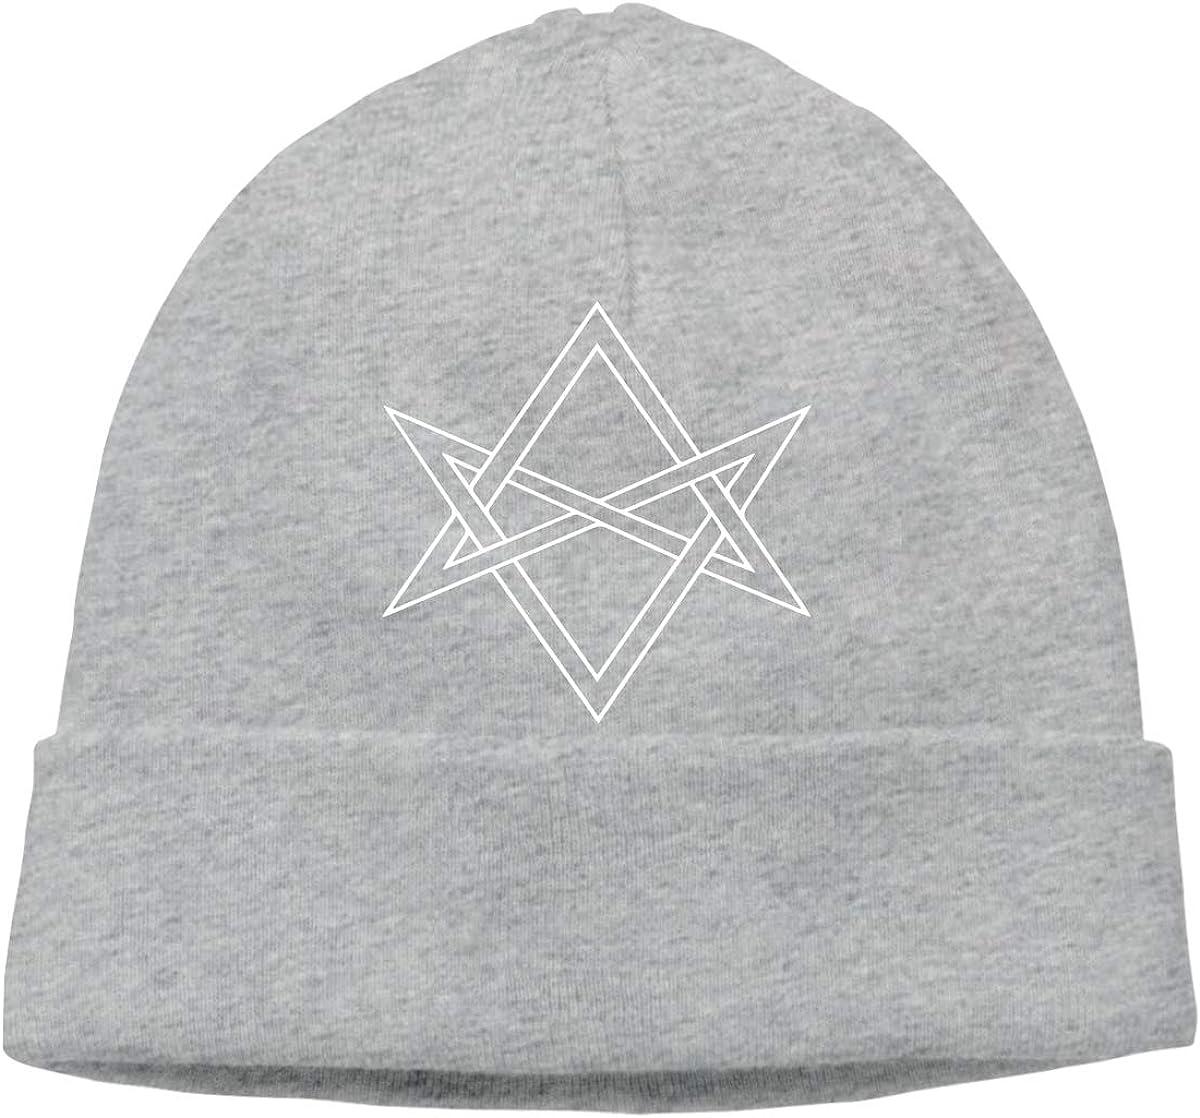 Q10 Unisex Unicursal Hexagram Soft Beanie Hat Soft Hat